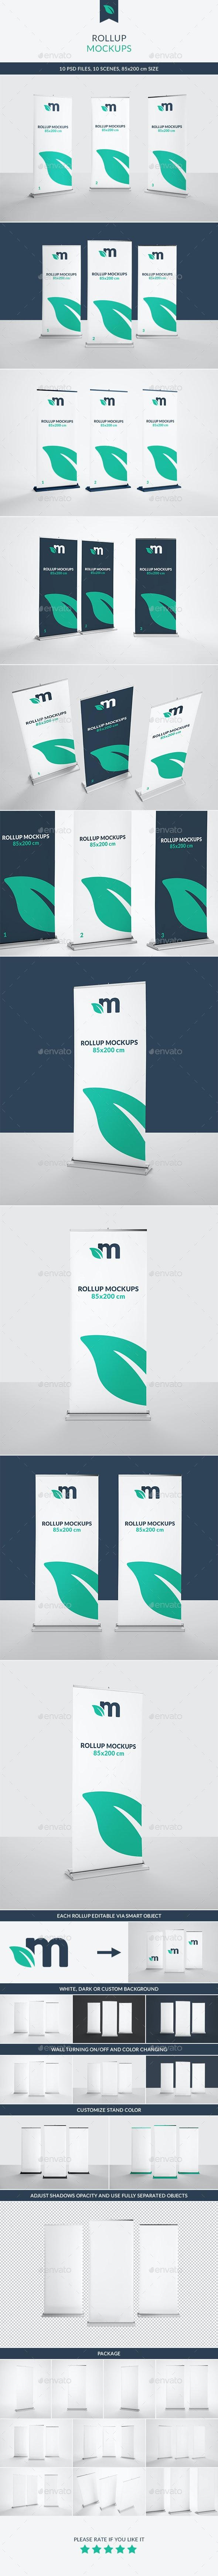 Roll Up Banner Mockups - Signage Print